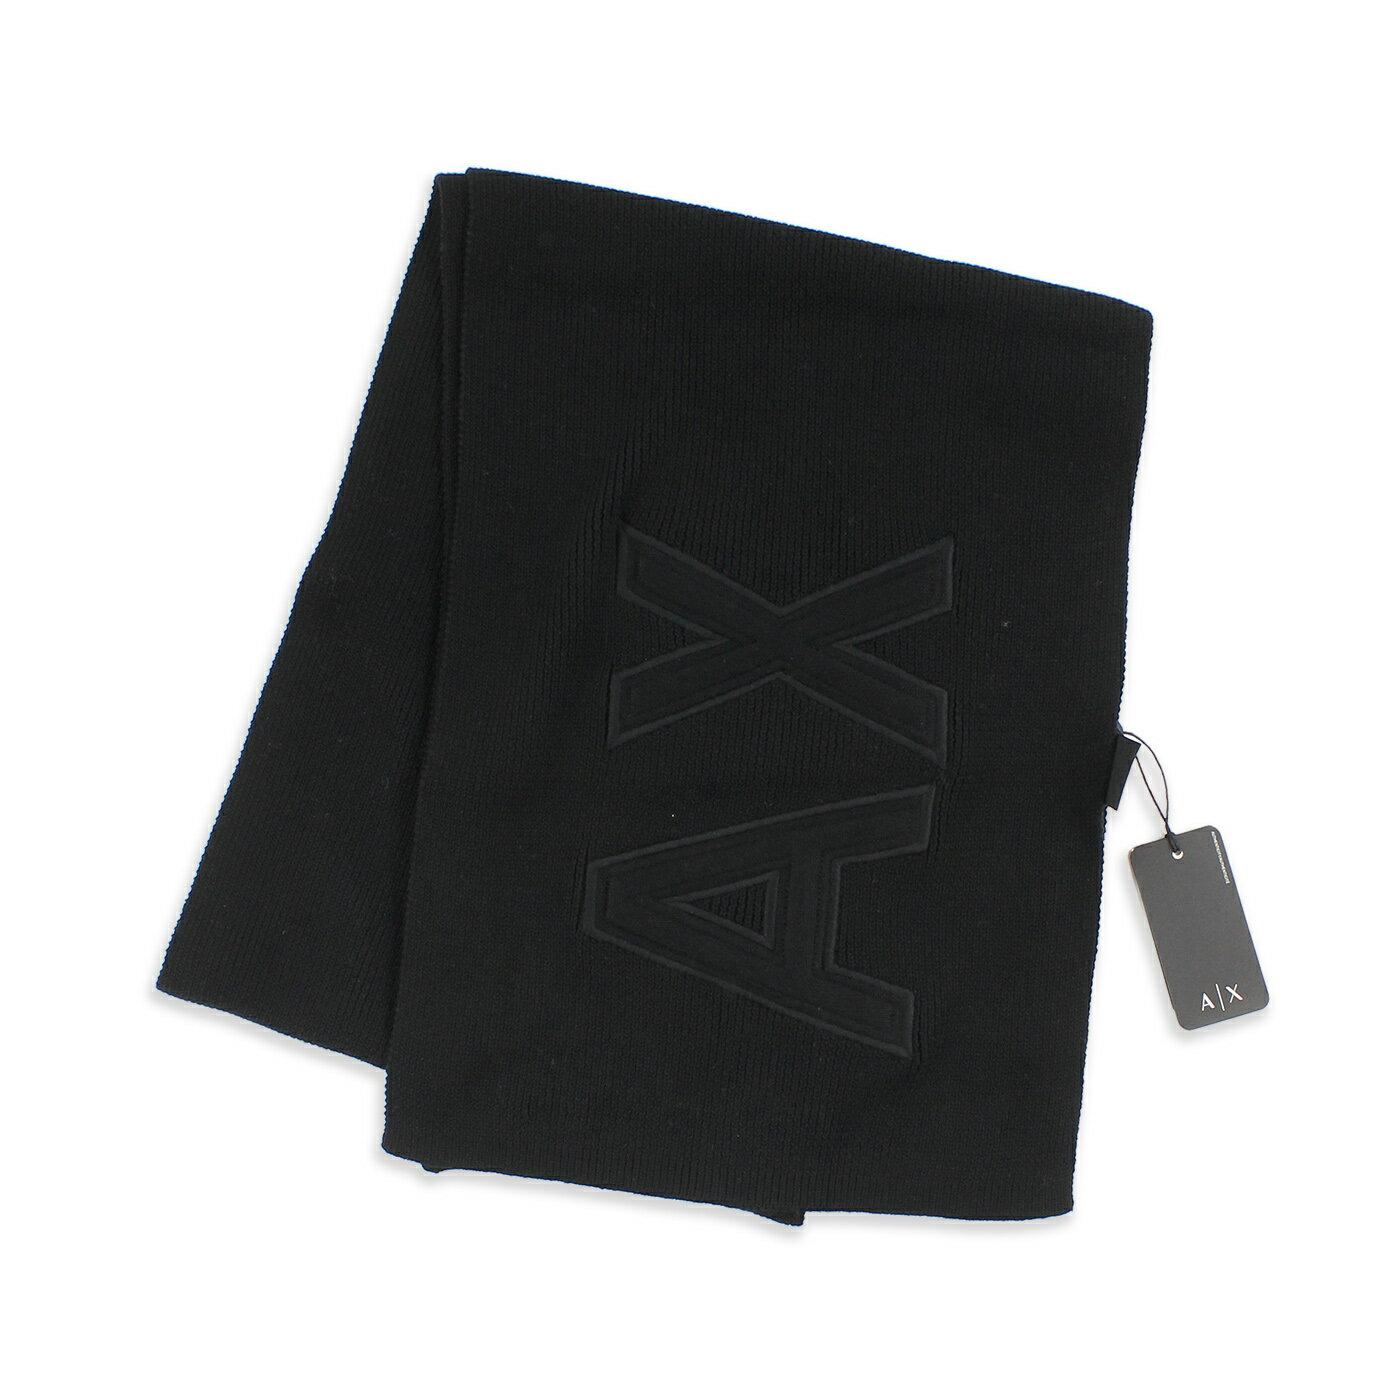 美國百分百【全新真品】Armani Exchange 圍巾 AX 披肩 披巾 配件 logo 針織 純棉 黑色 G203